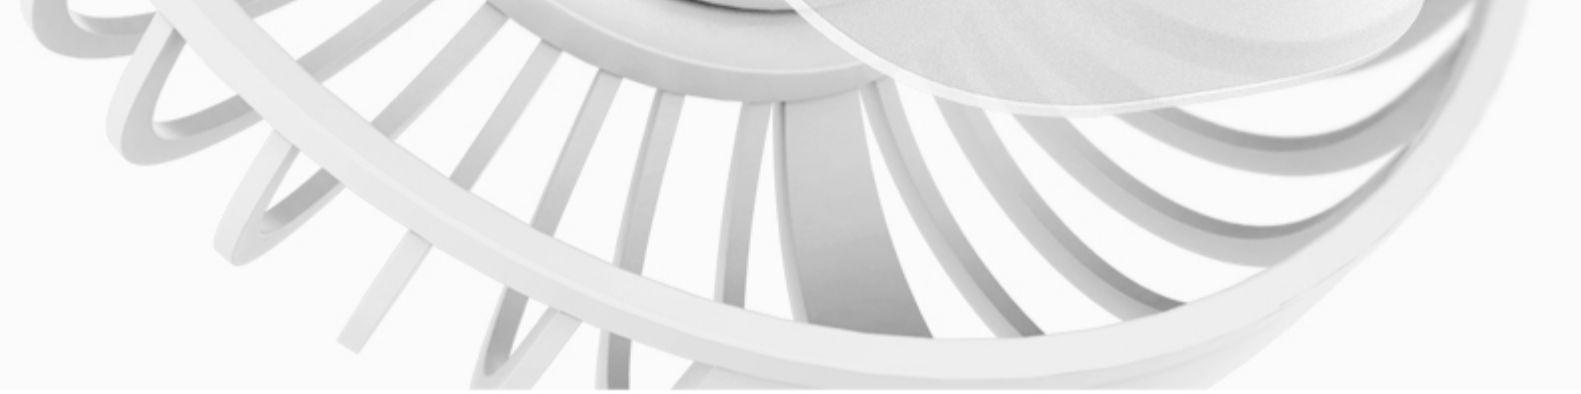 小风扇迷你超静音可充电电风扇办公室学生宿舍手持随身携带可携式小型手拿大风力桌上桌面床上手握可爱电动详细照片